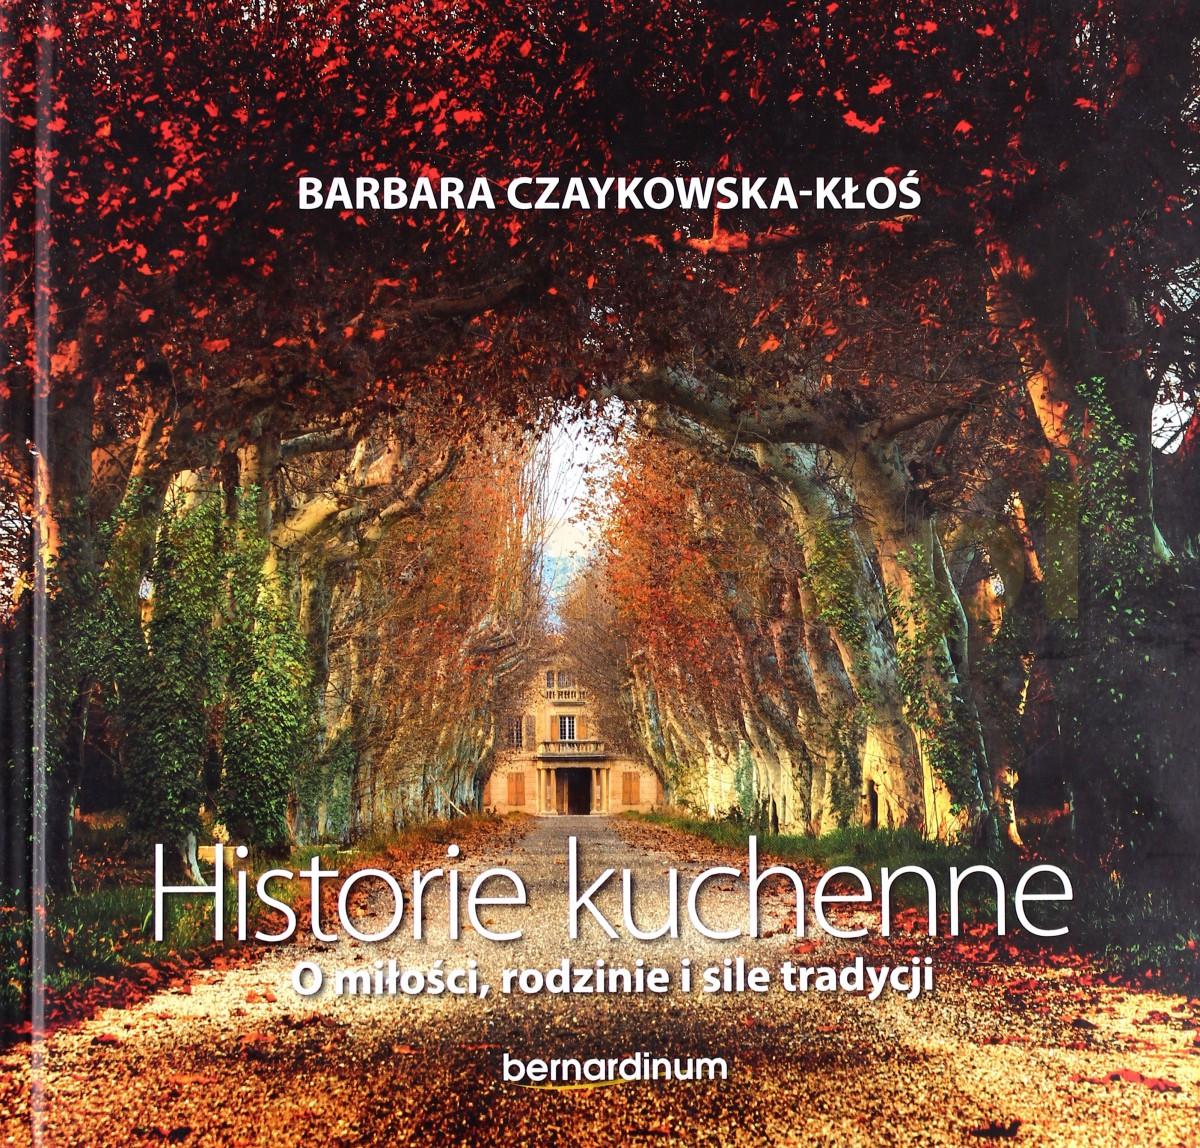 Historie Kuchenne. O miłości, rodzinie i sile tradycji - Barbara Czaykowska-Kłoś (twarda) [KSIĄŻKA] - Barbara Czaykowska-Kłoś